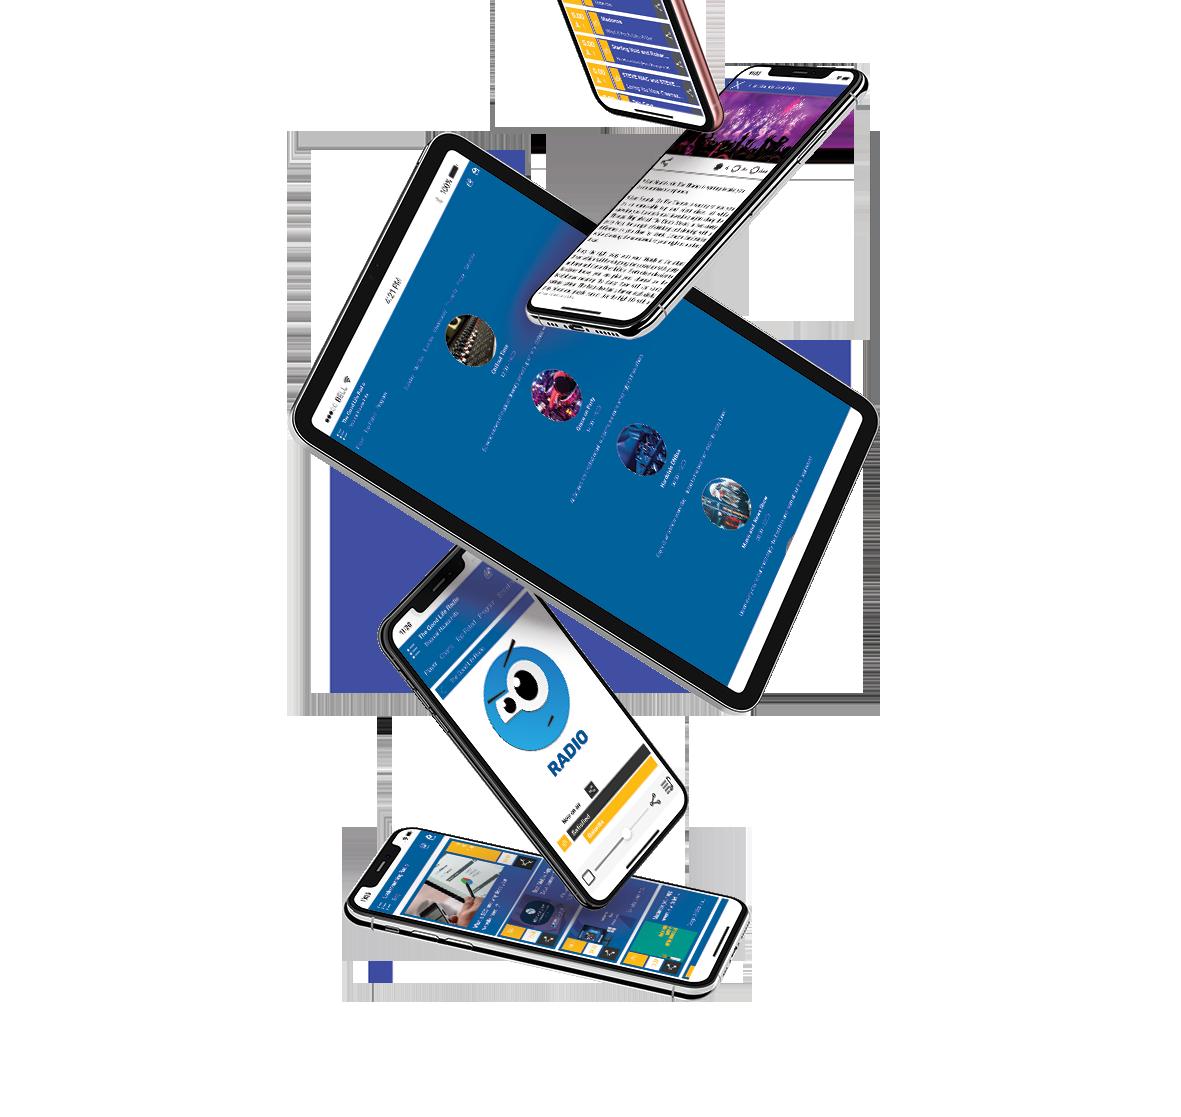 Δωρεάν κινητά ραντεβού χωρίς email ισπανικούς ιστότοπους γνωριμιών UK